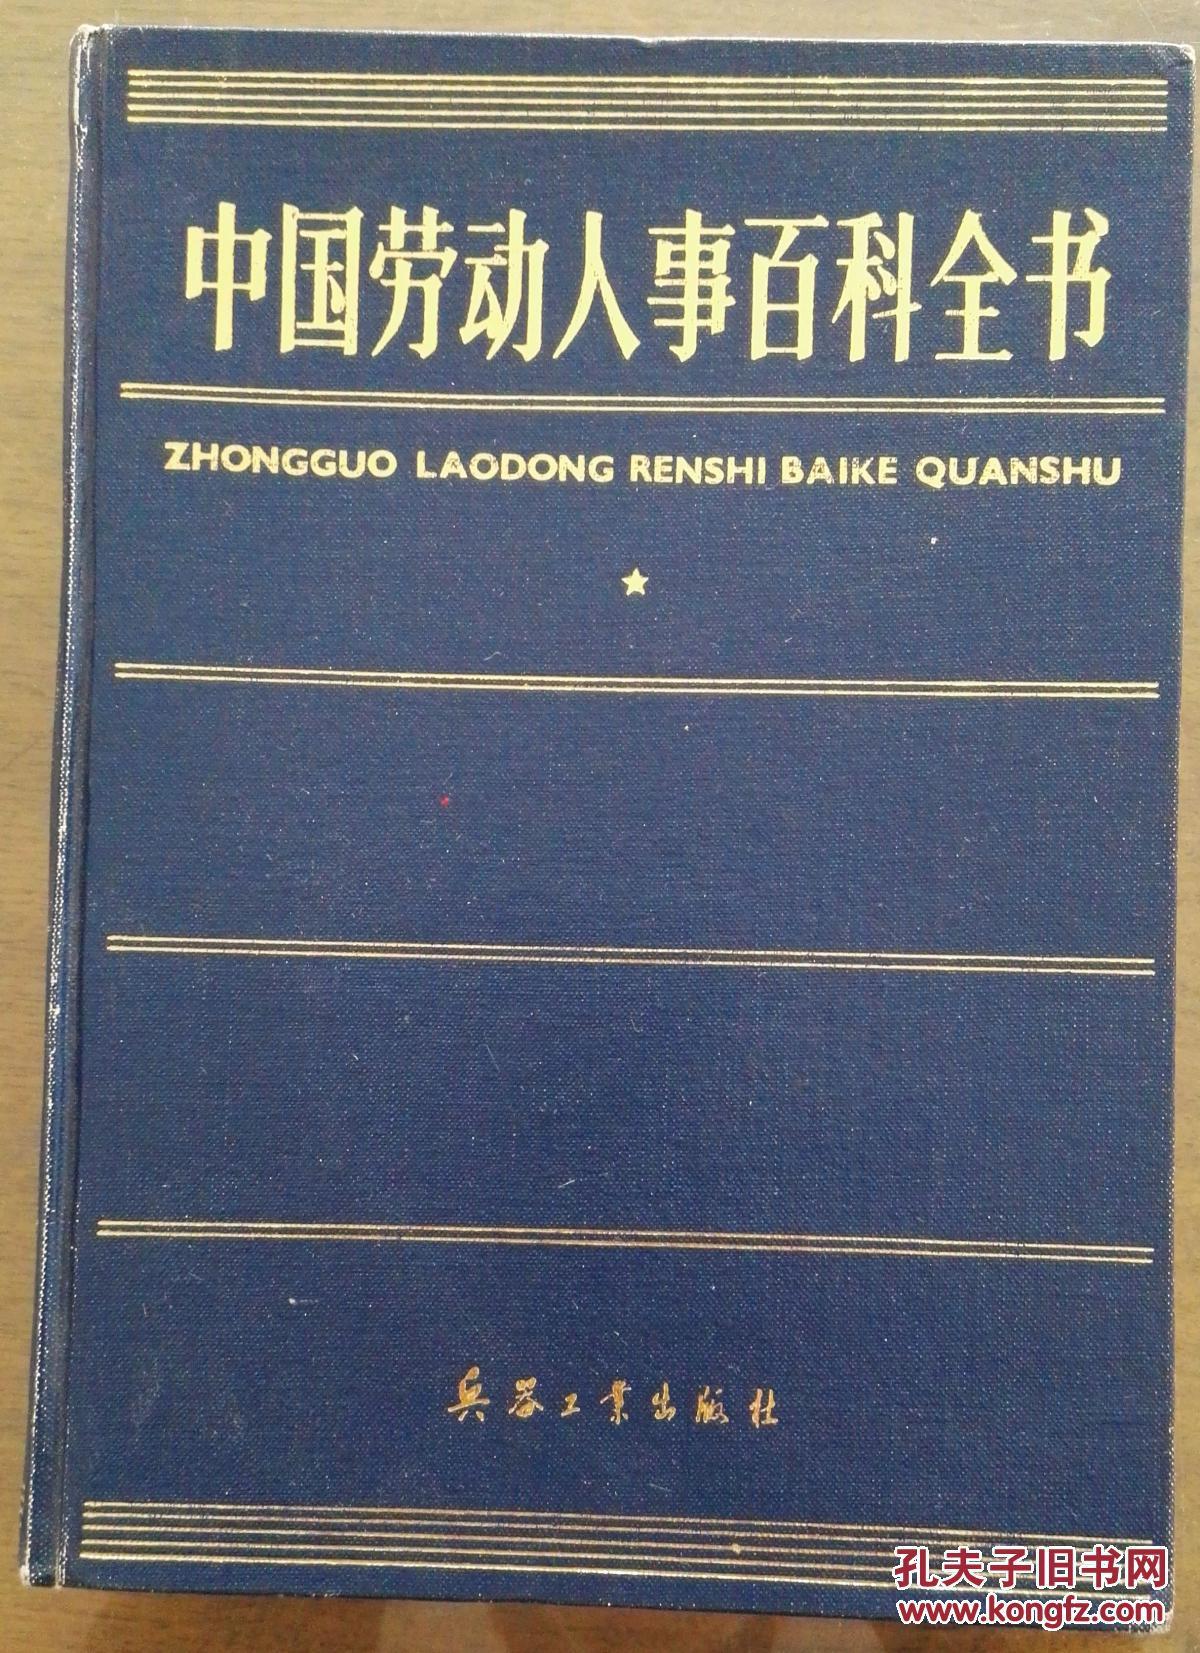 中国劳动人事百科全书修订本